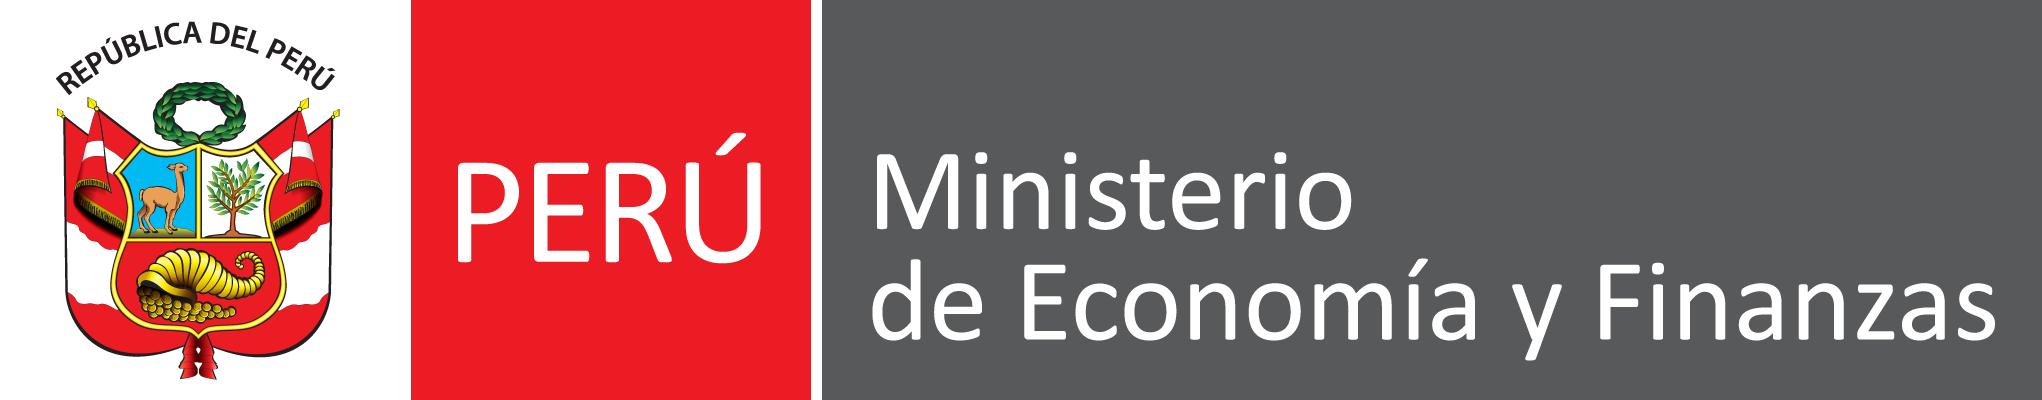 PCM-Economia.png Español: Colección Ministerios de la República del Perú Date 29 December 2017 Source Own work Author CanalesQuintanilla